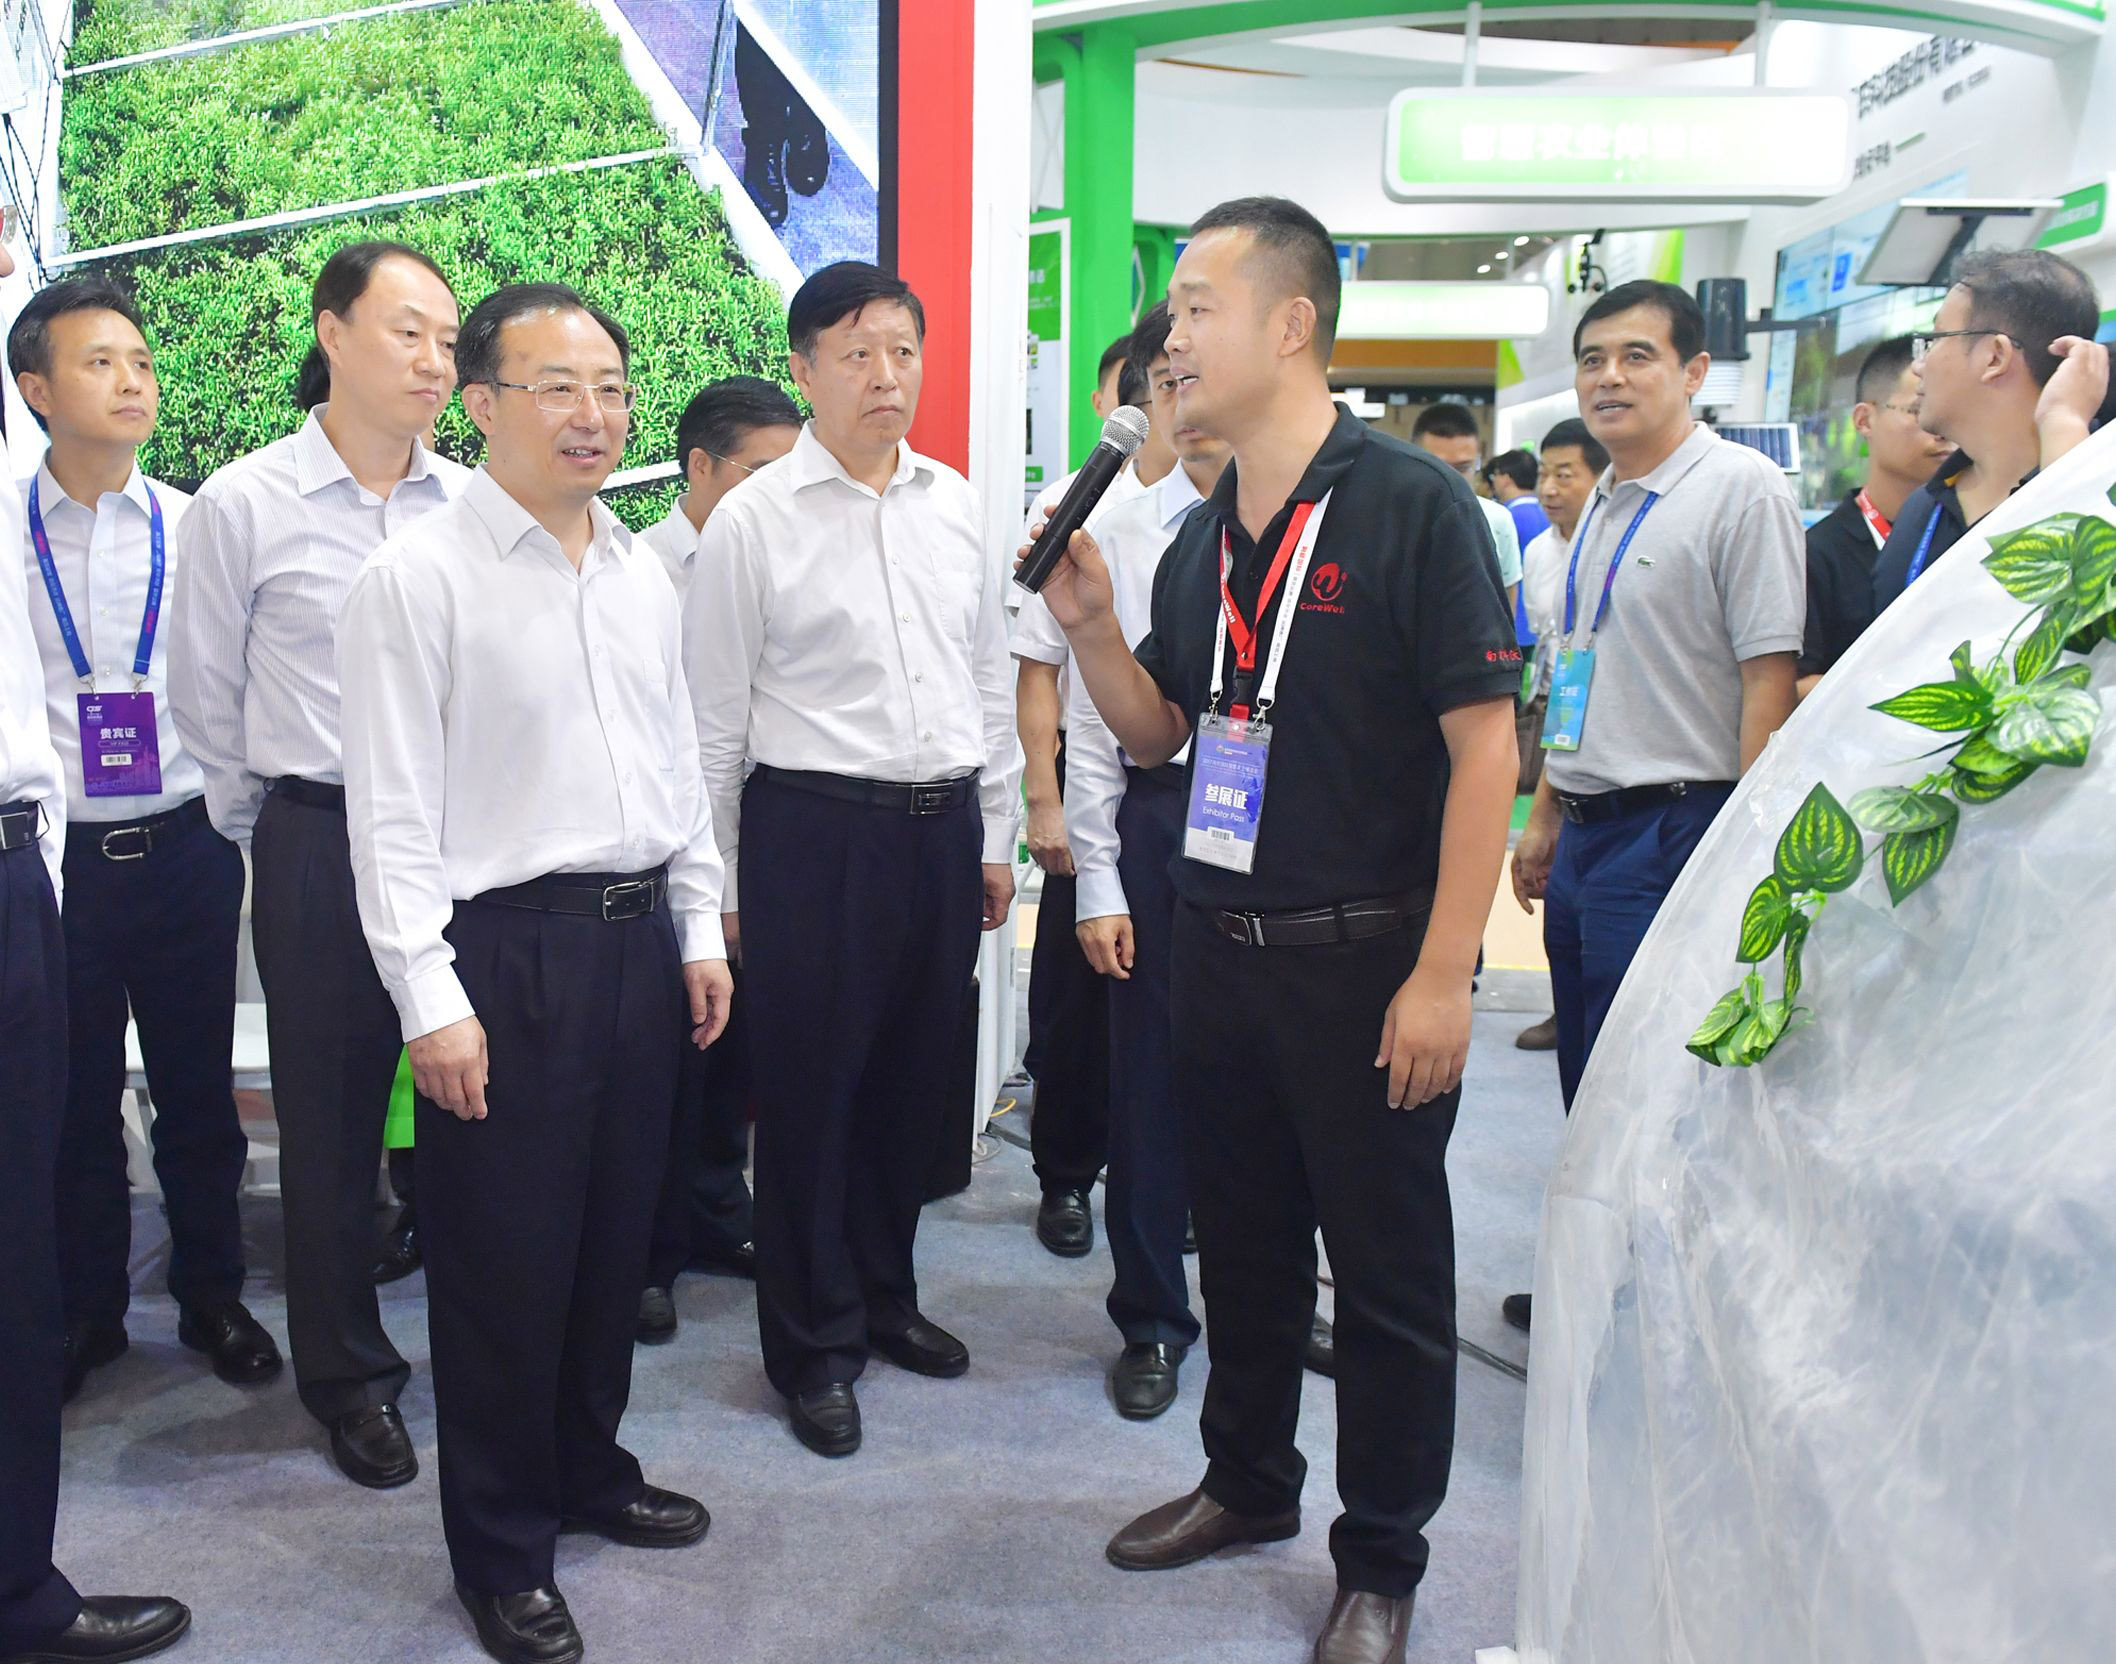 2017年吴政隆省长视察科沃展台